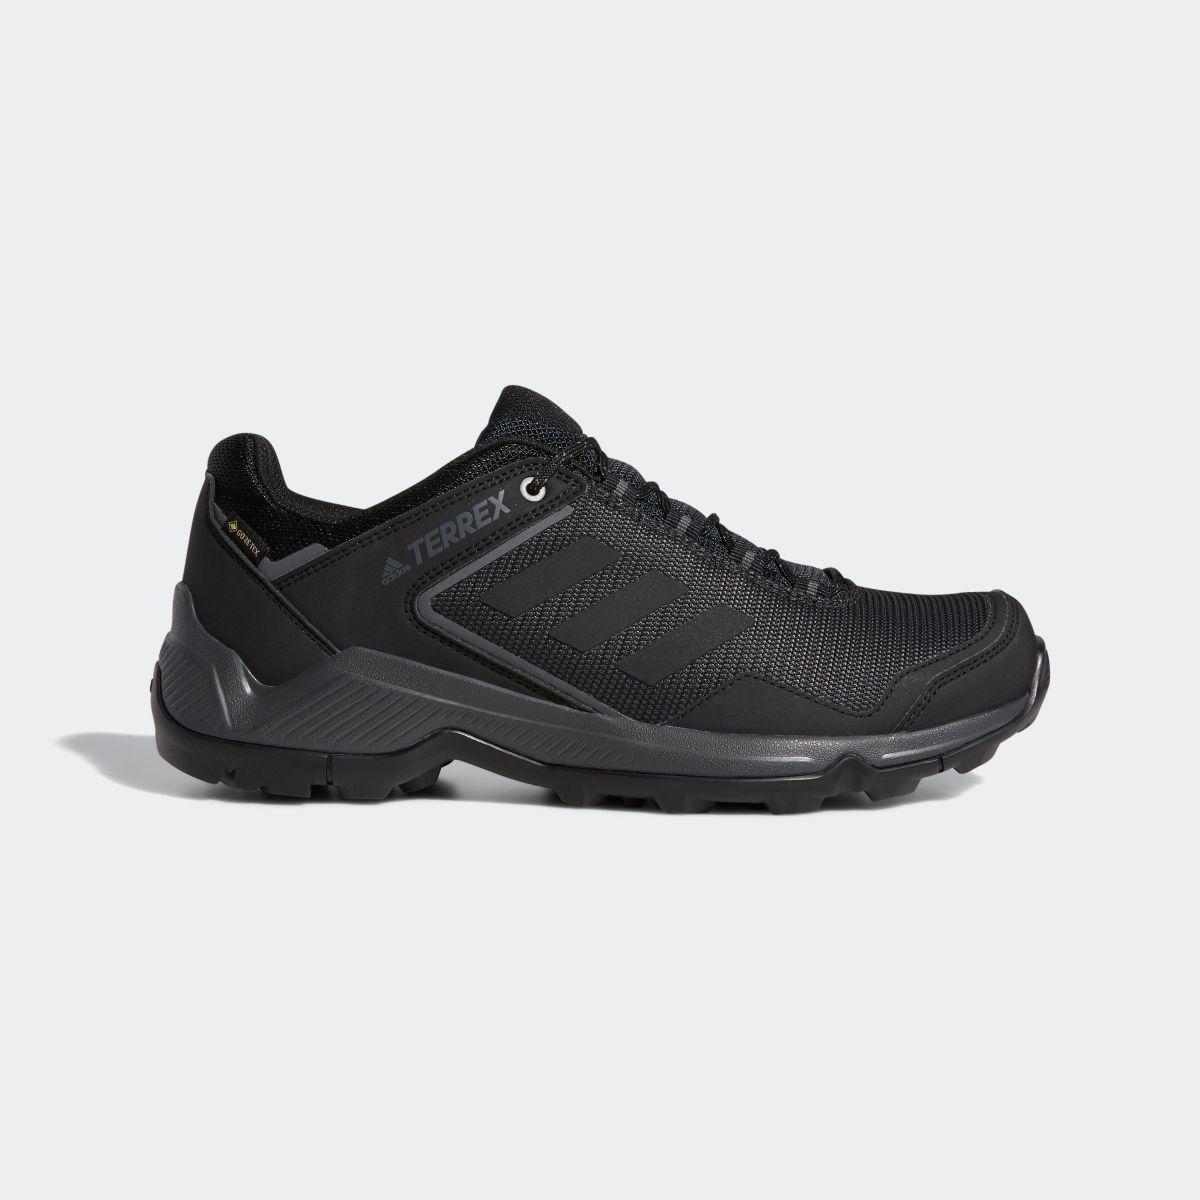 【公式】アディダス adidas テレックス ハイカー GORE-TEX メンズ アディダス テレックス アウトドア シューズ スポーツシューズ BC0968